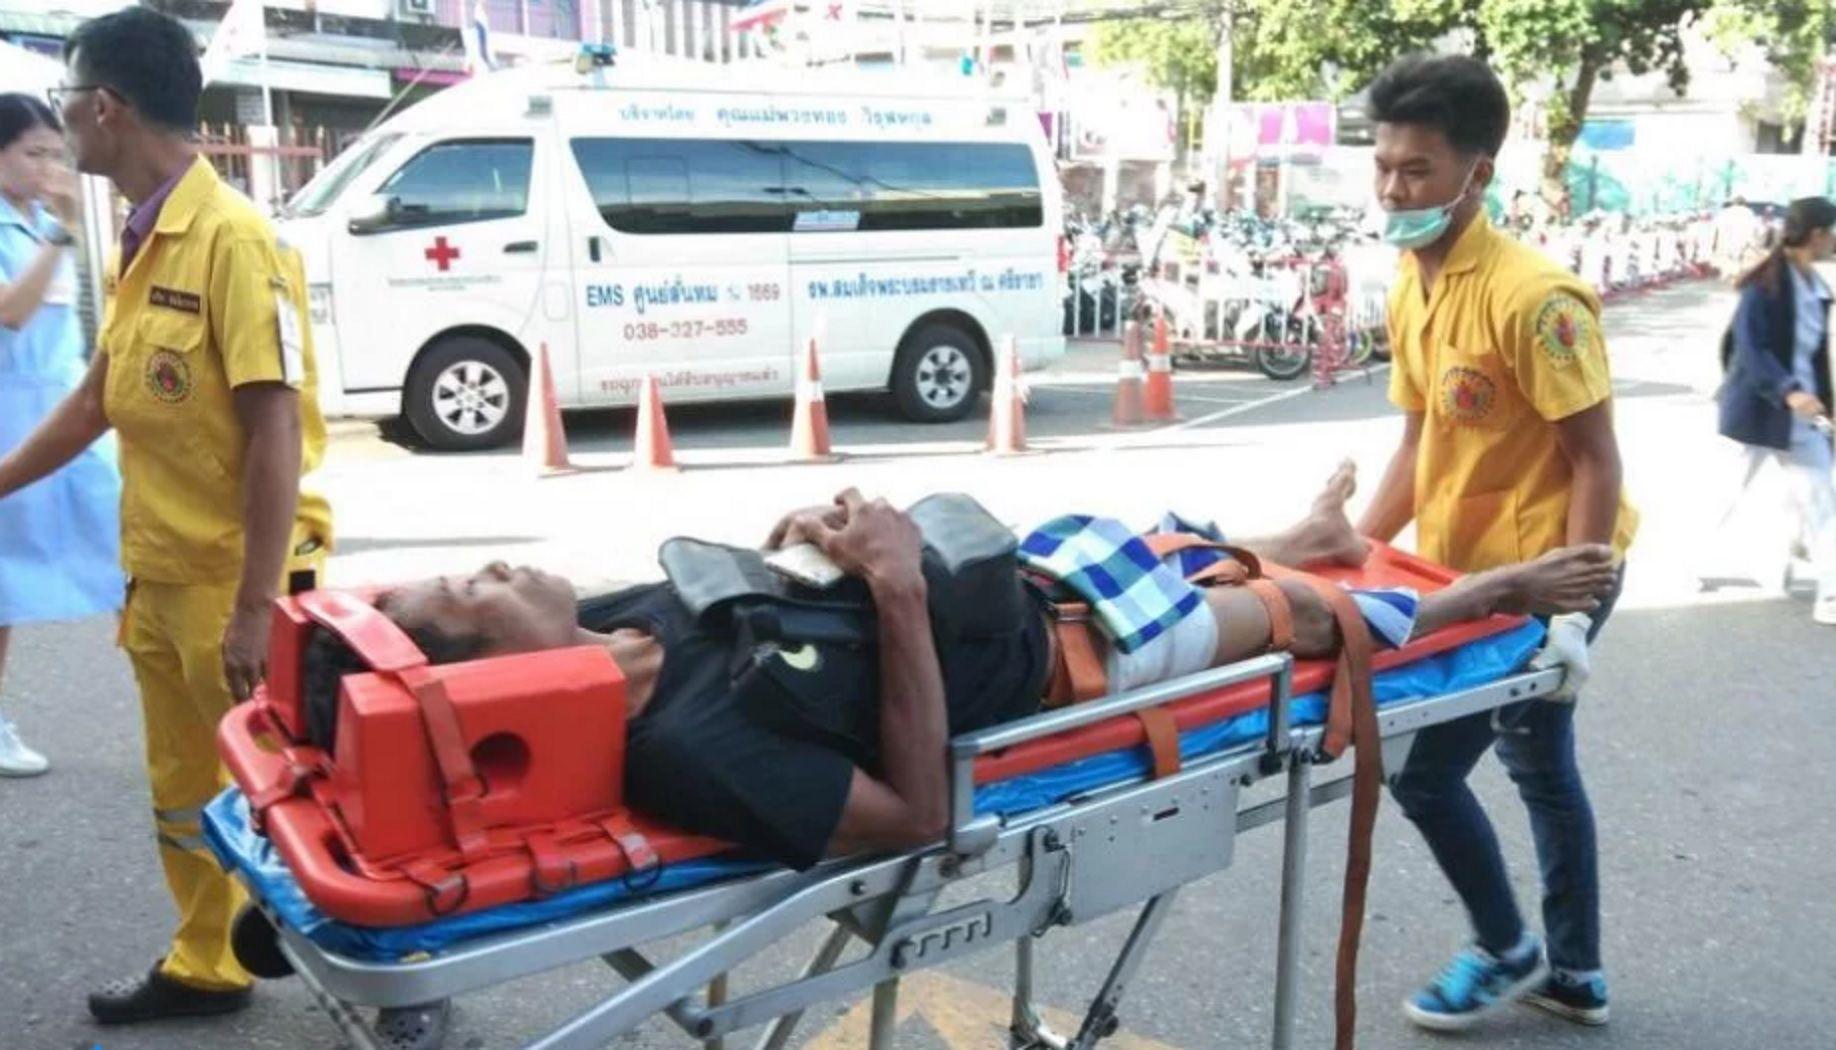 El hombre fue trasladado al hospital Samitivej Sriracha